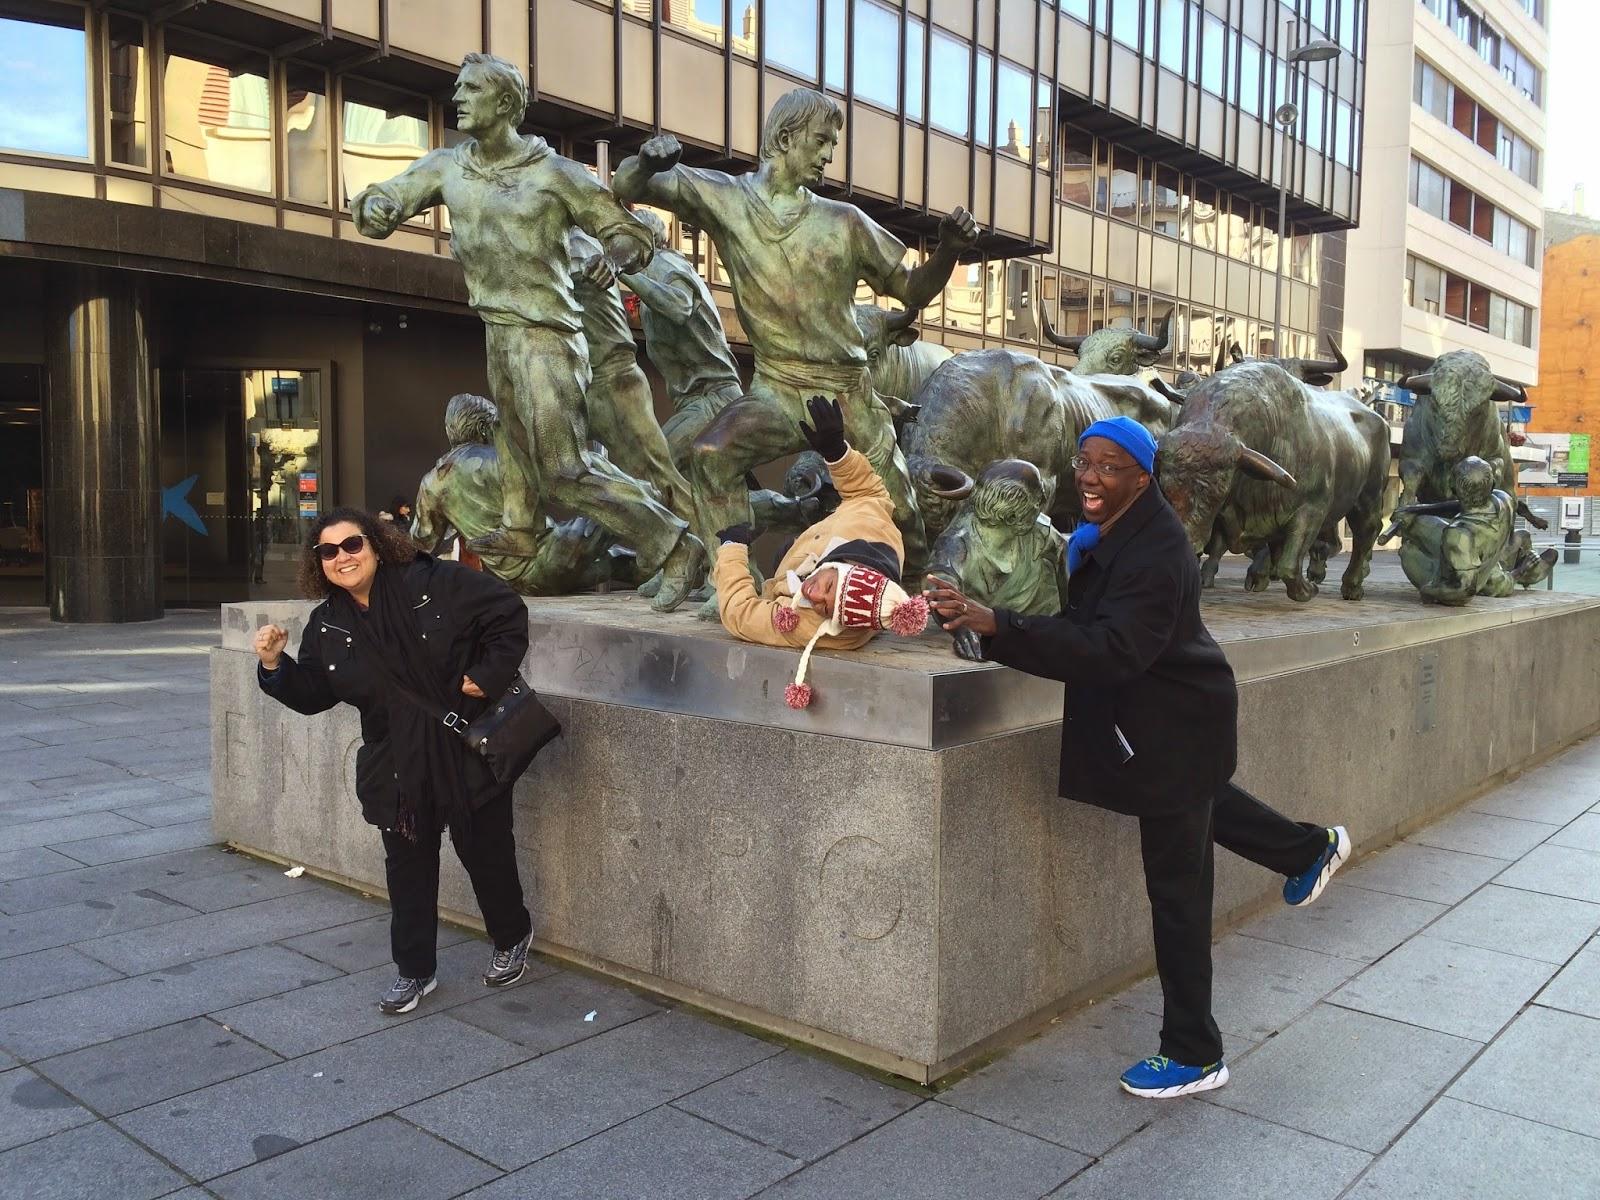 Encierro statue